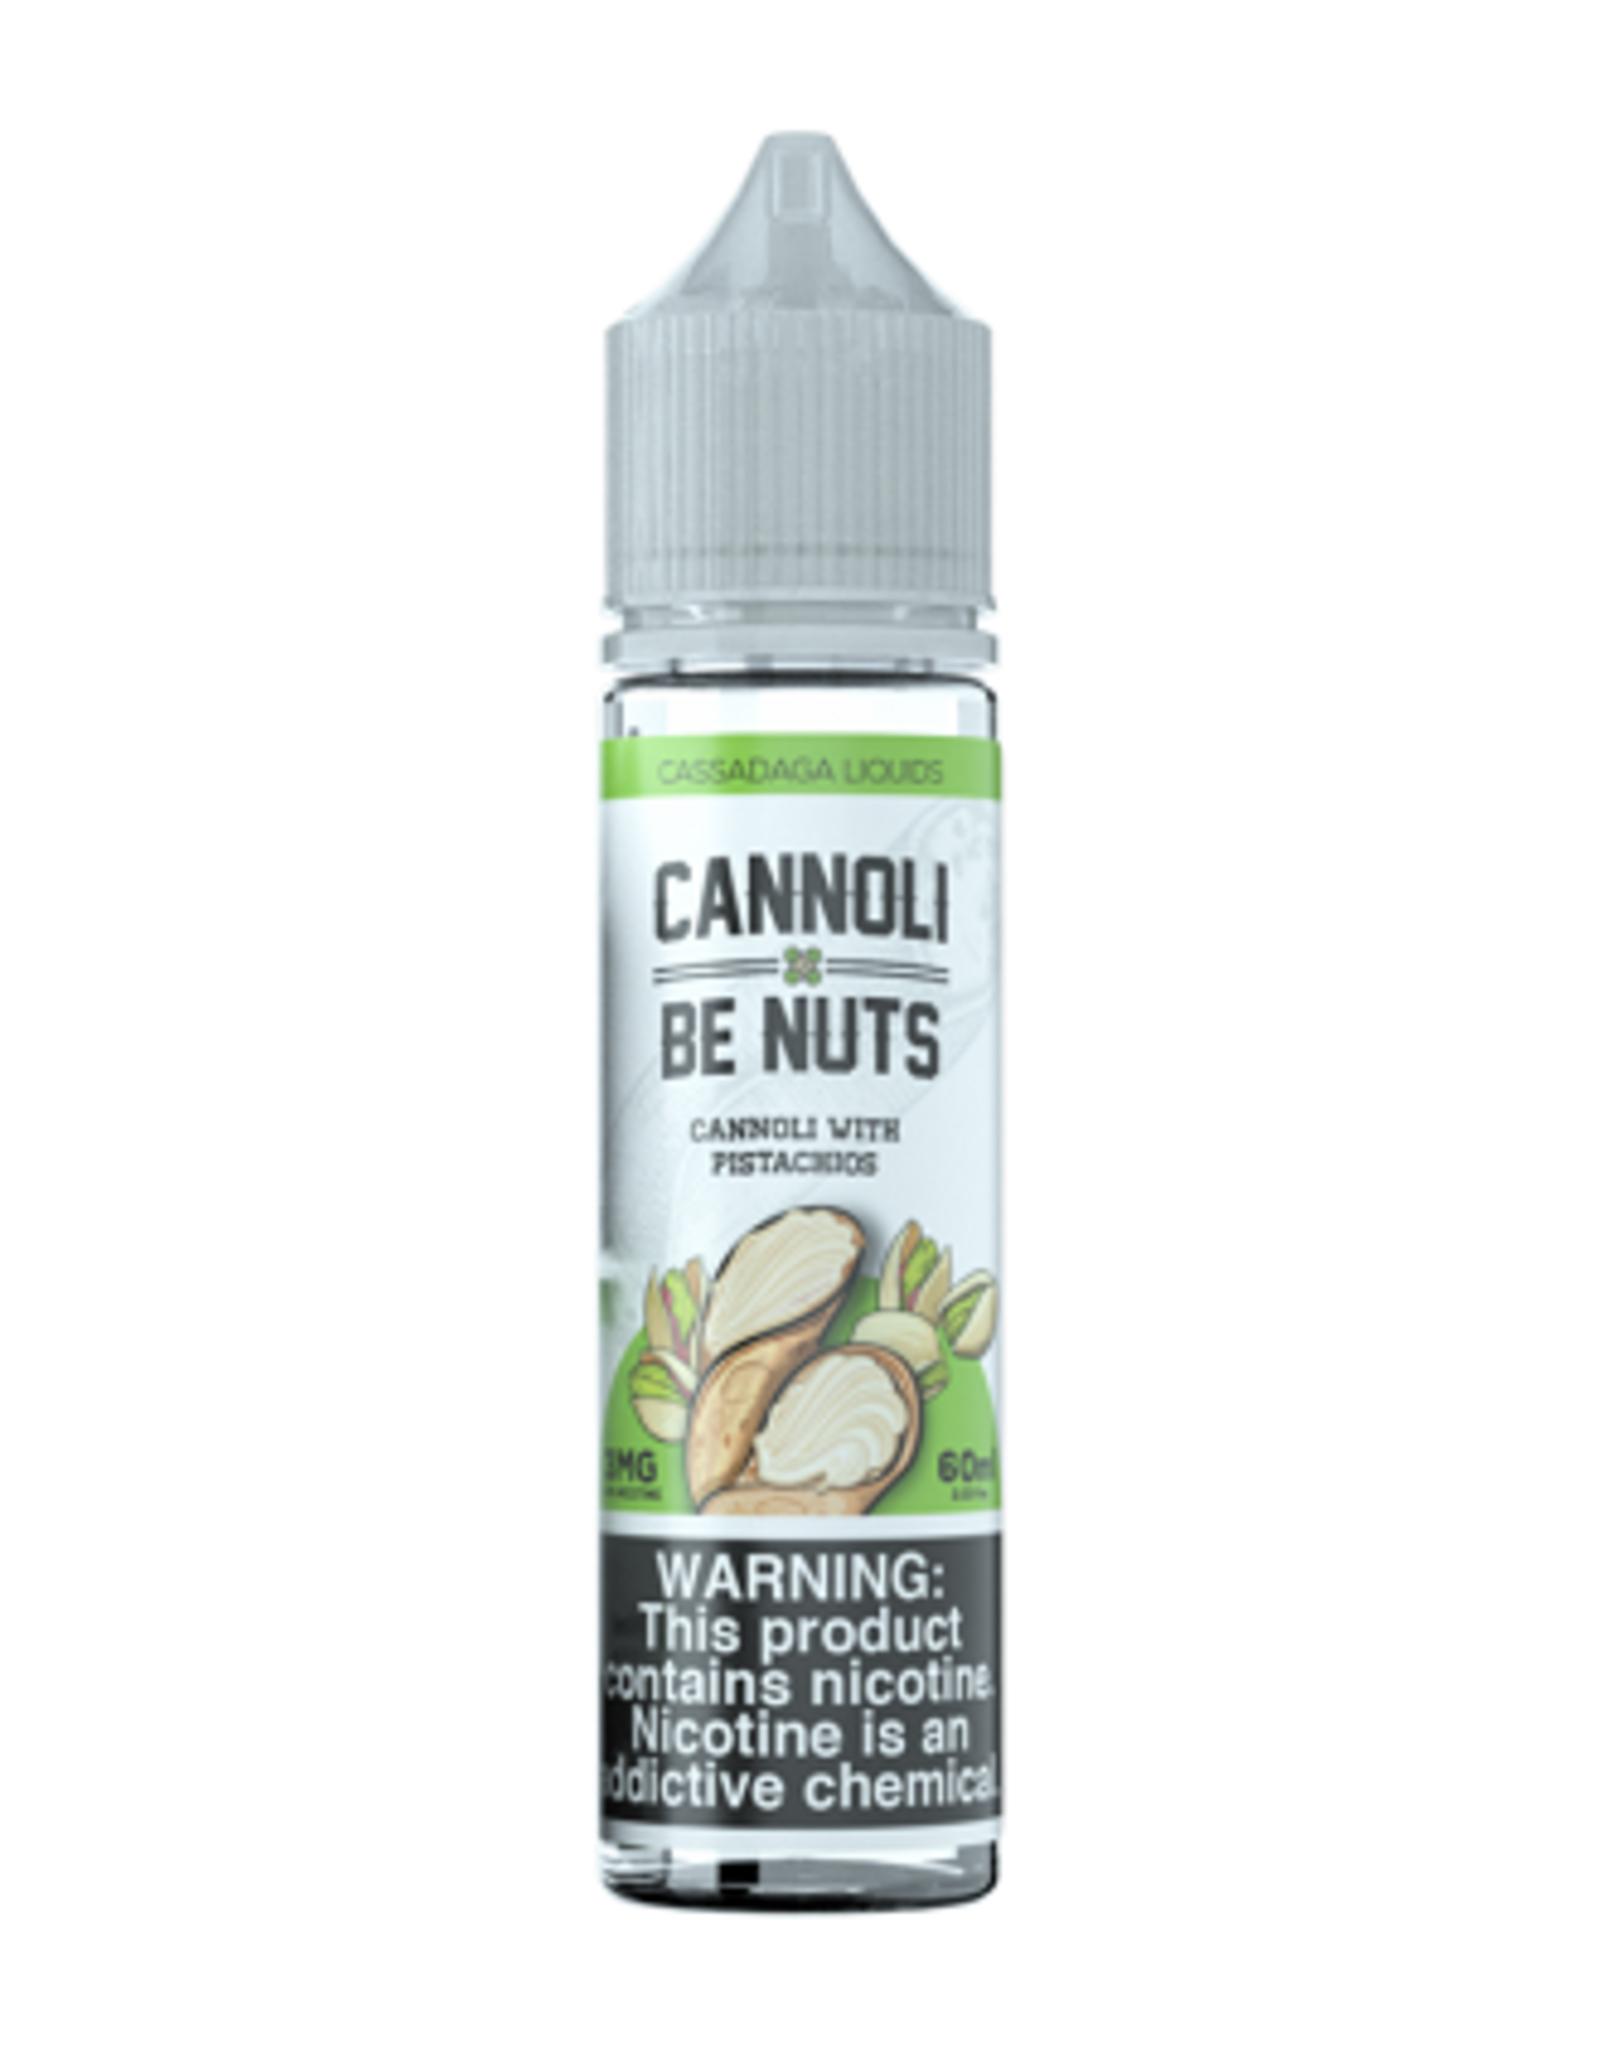 Cassadaga Liquids Cannoli be Nuts